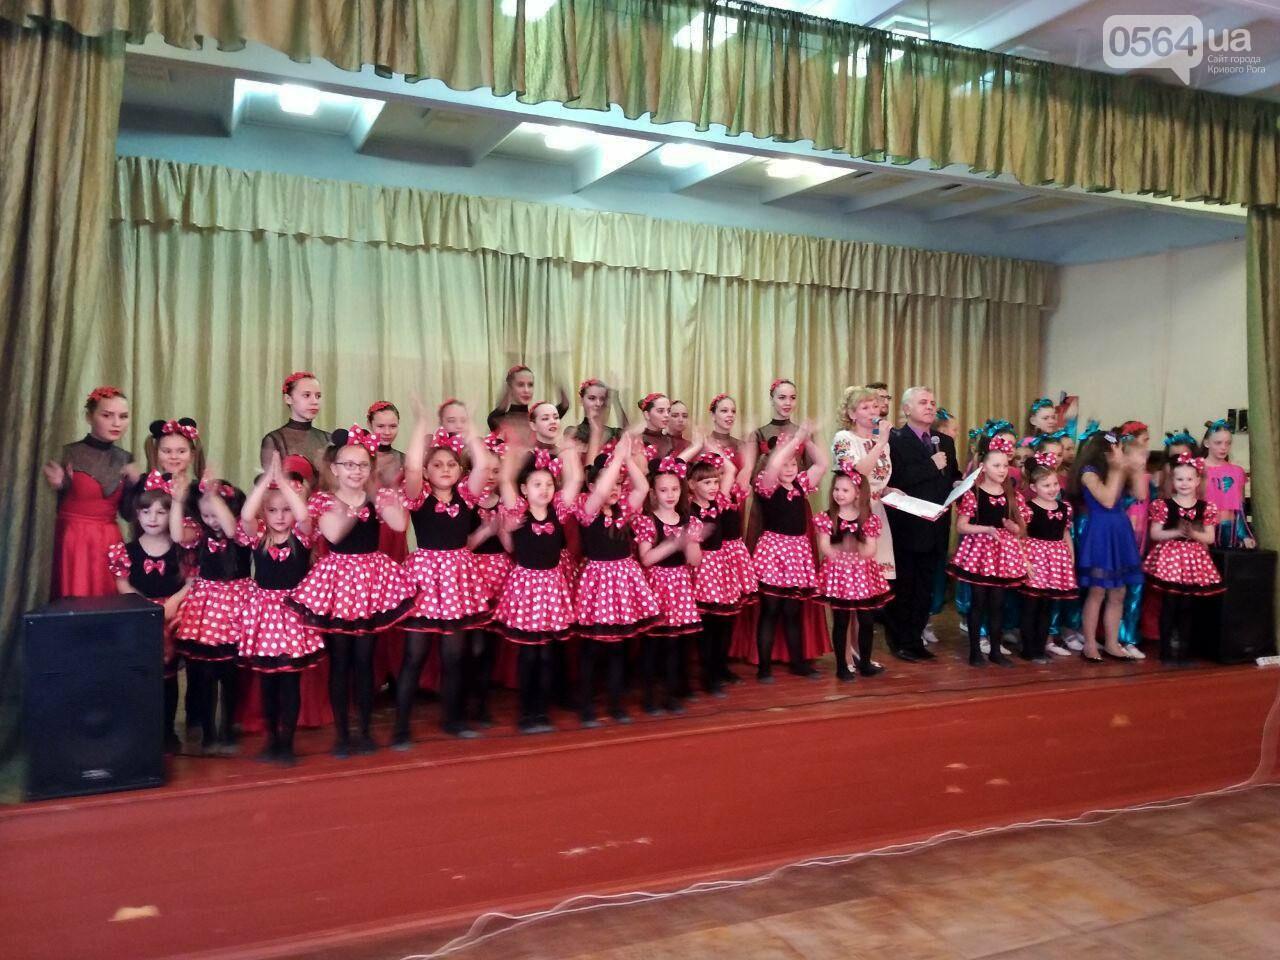 Криворожские школьники провели благотворительный концерт в поддержку бойцов АТО (ФОТО), фото-27